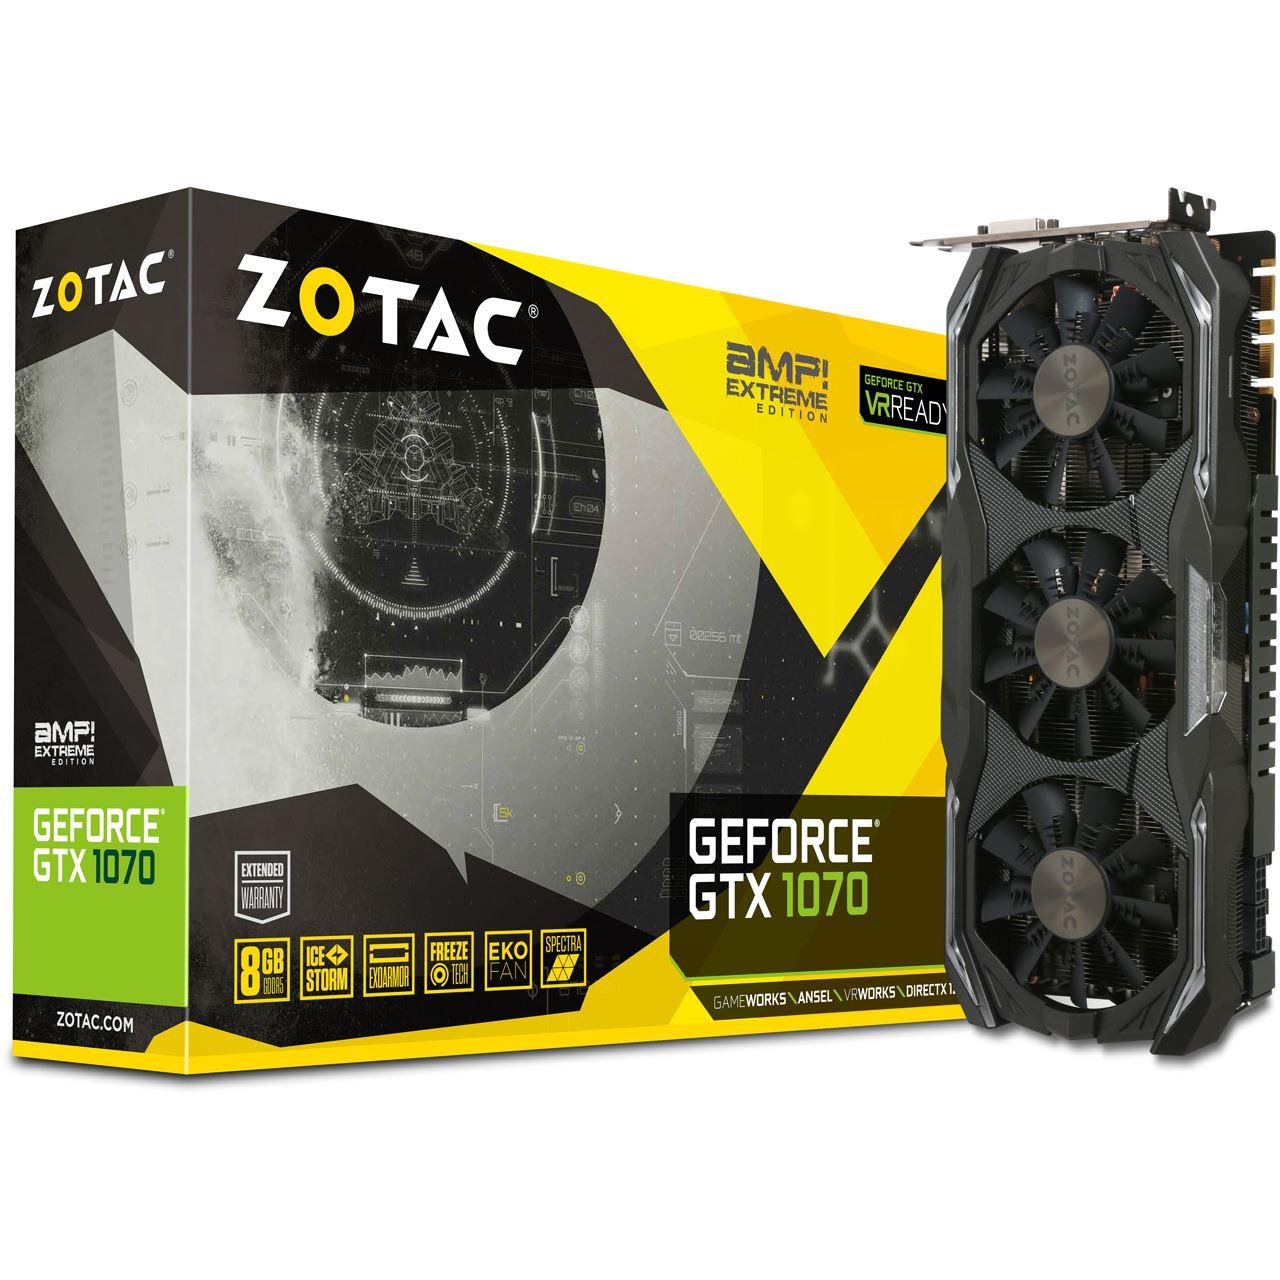 [Mindstar] 8GB ZOTAC GeForce GTX 1070 AMP! Extreme Edition VSKfrei